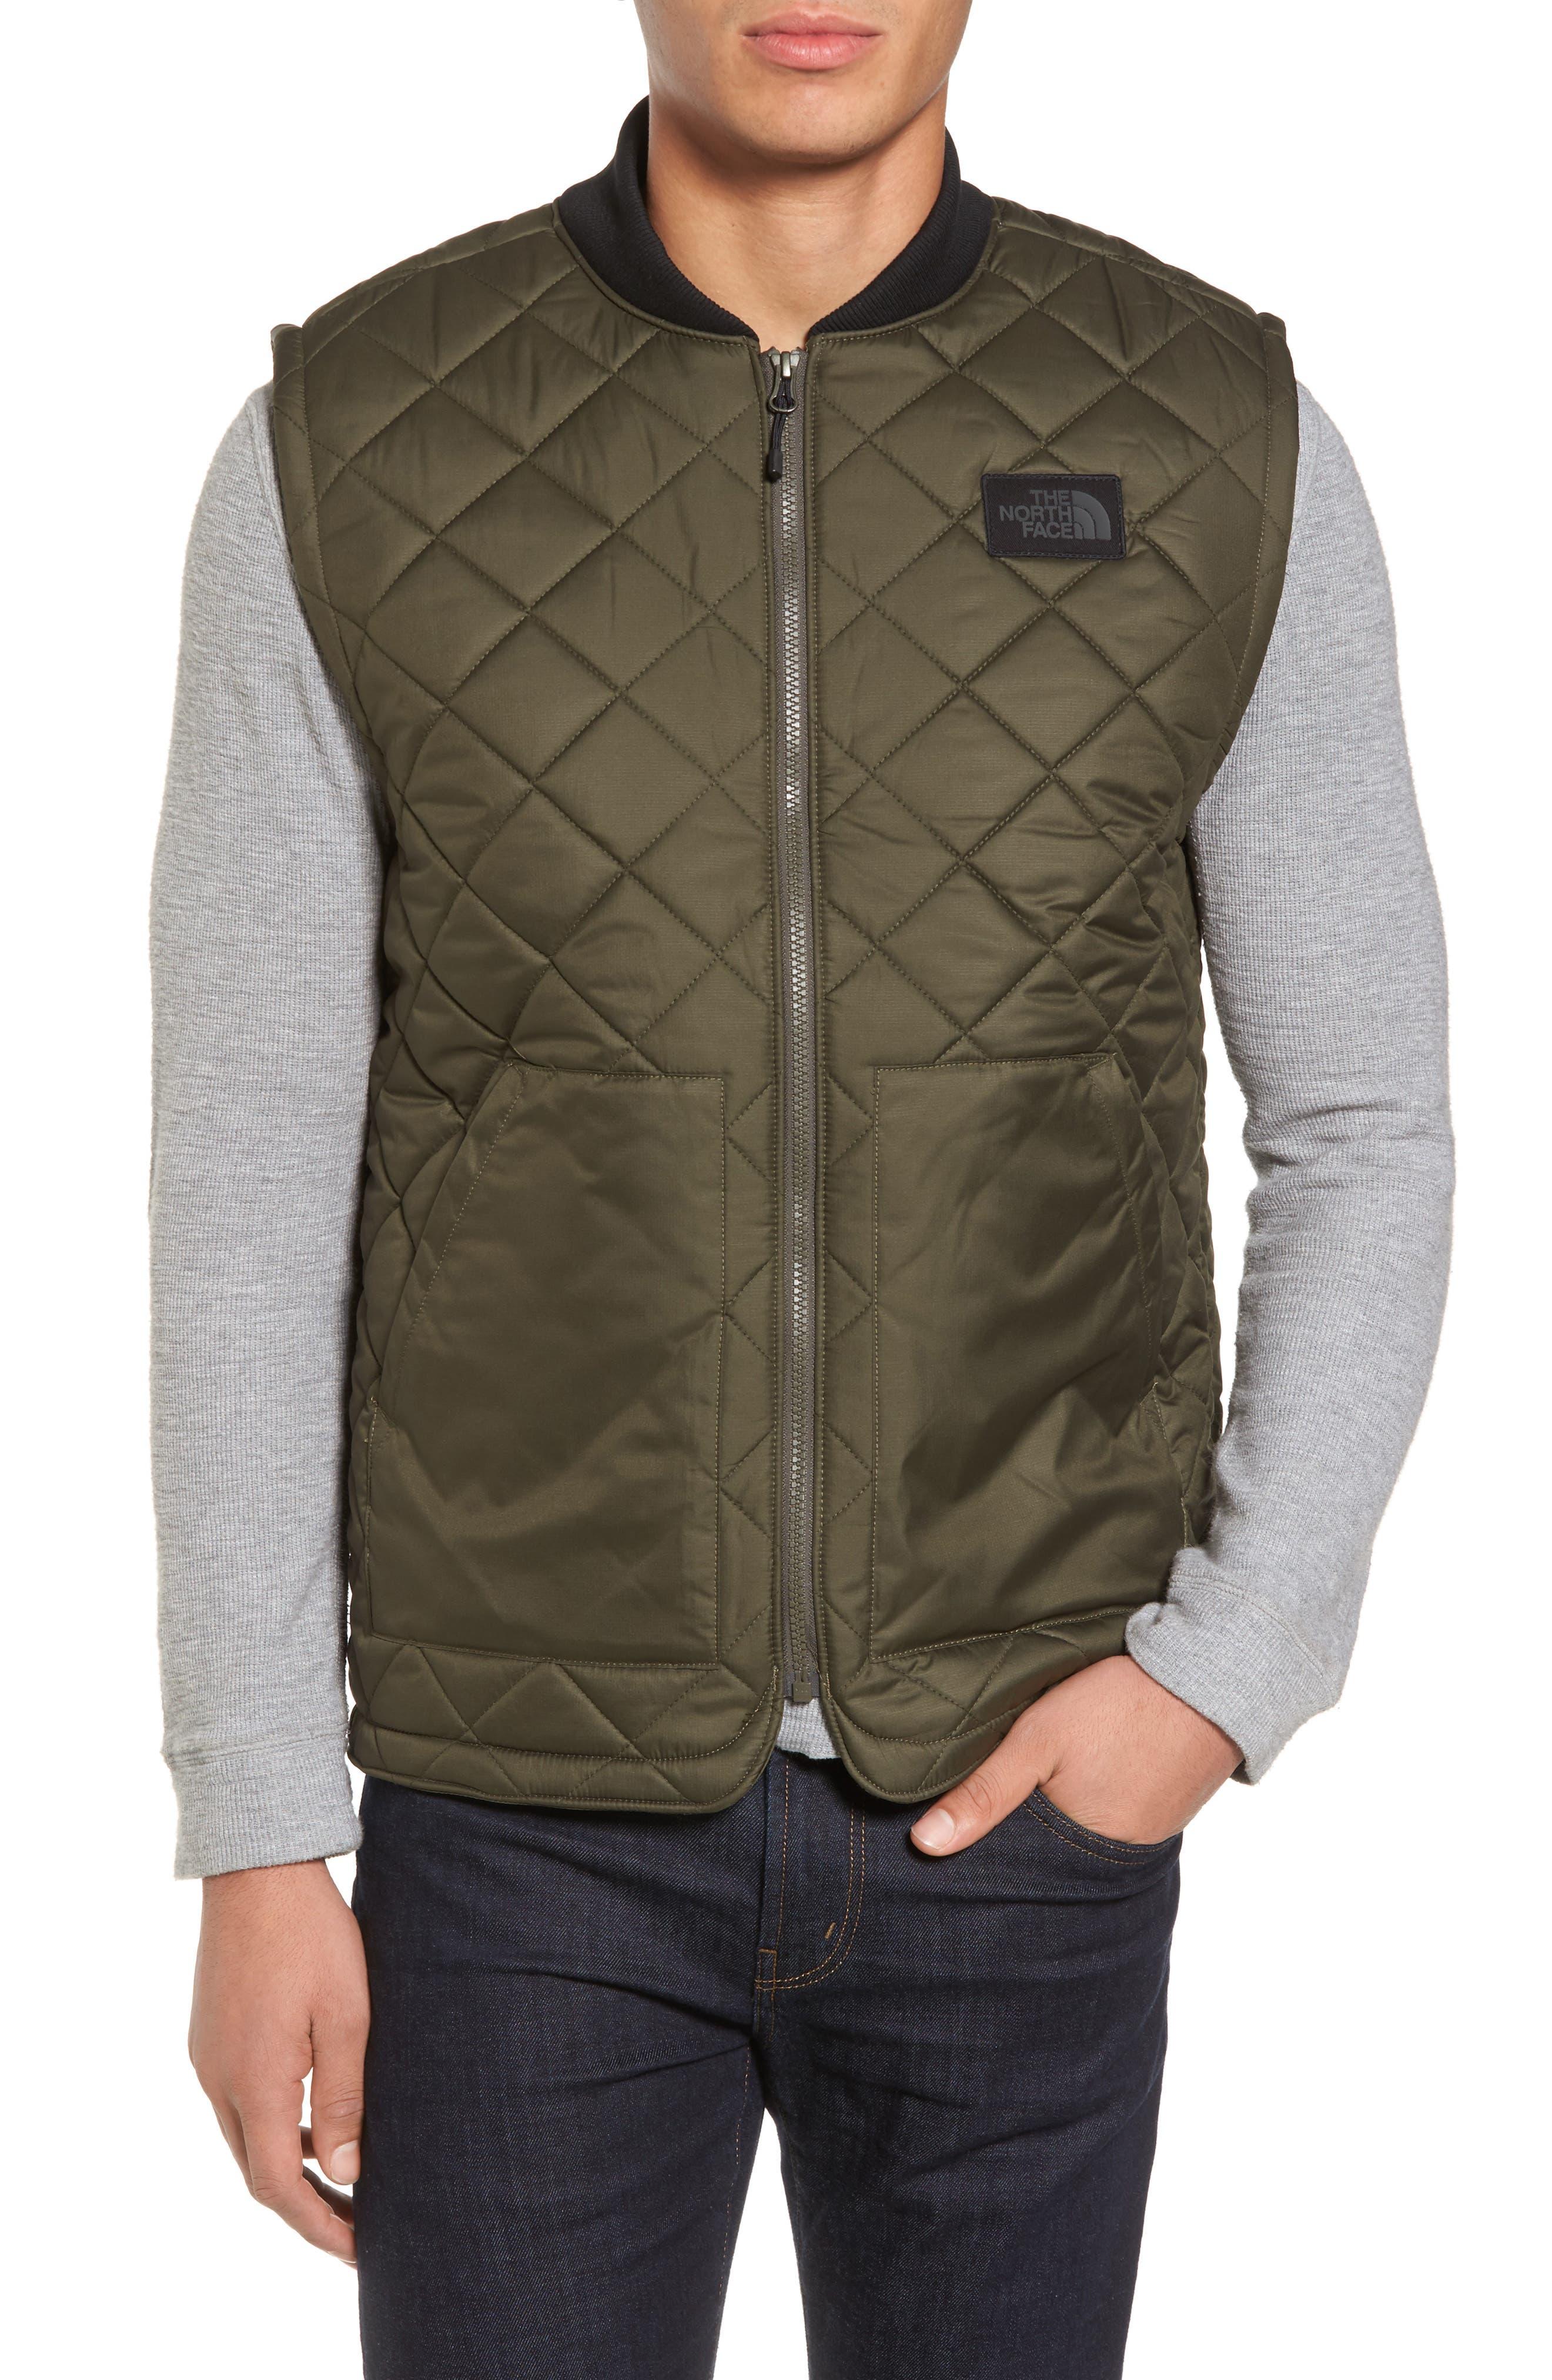 Main Image - The North Face Cuchillo Insulated Vest